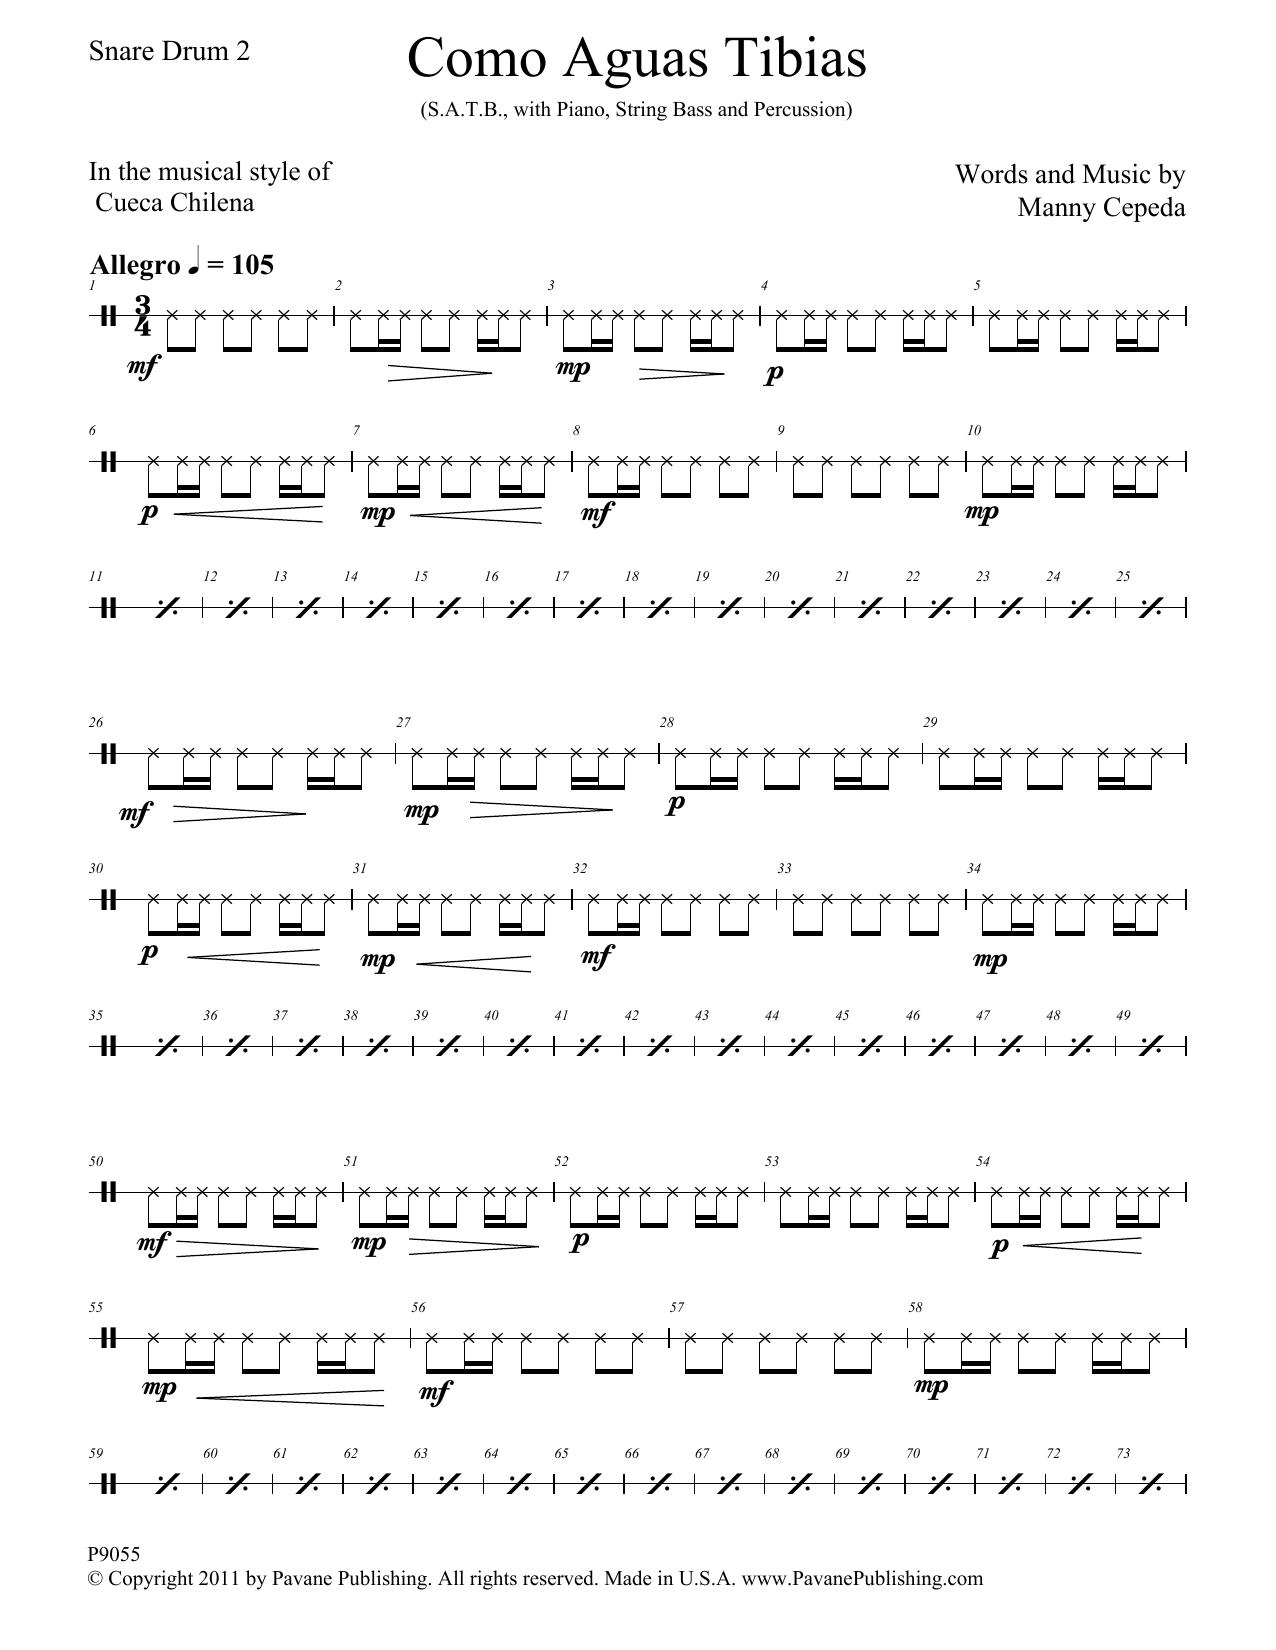 Como Aguas Tibias - Snare Drum Sheet Music